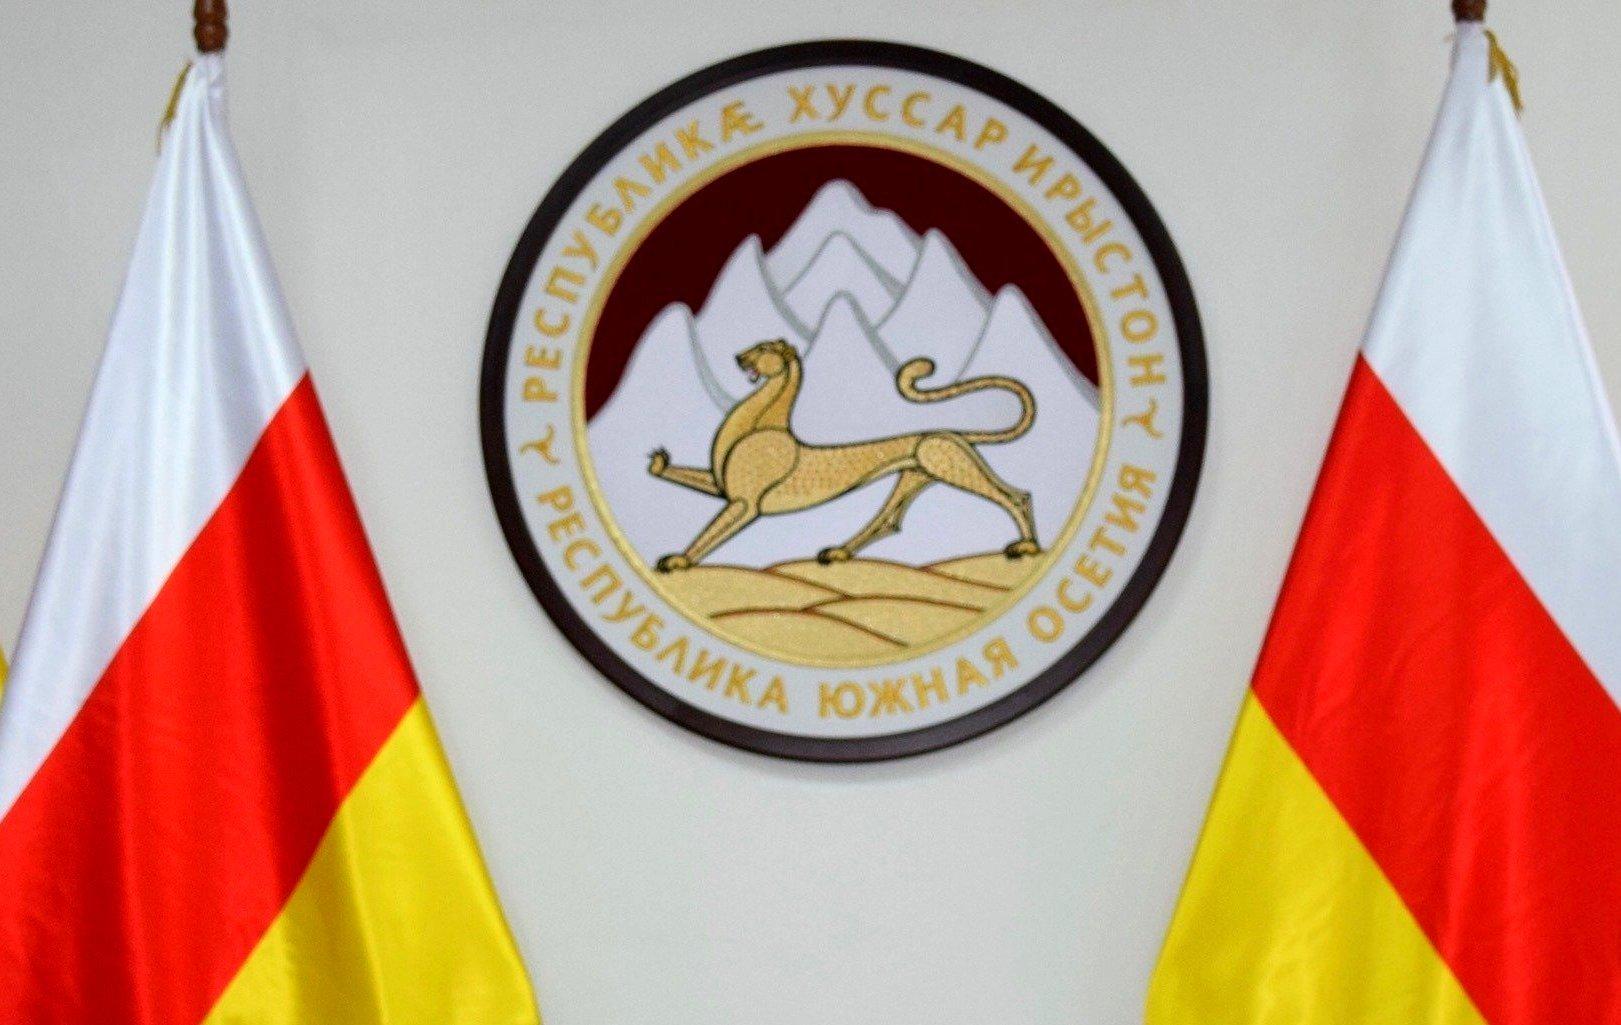 Посольство Южной Осетии направило благодарственное послание Постпредству Чеченской Республики